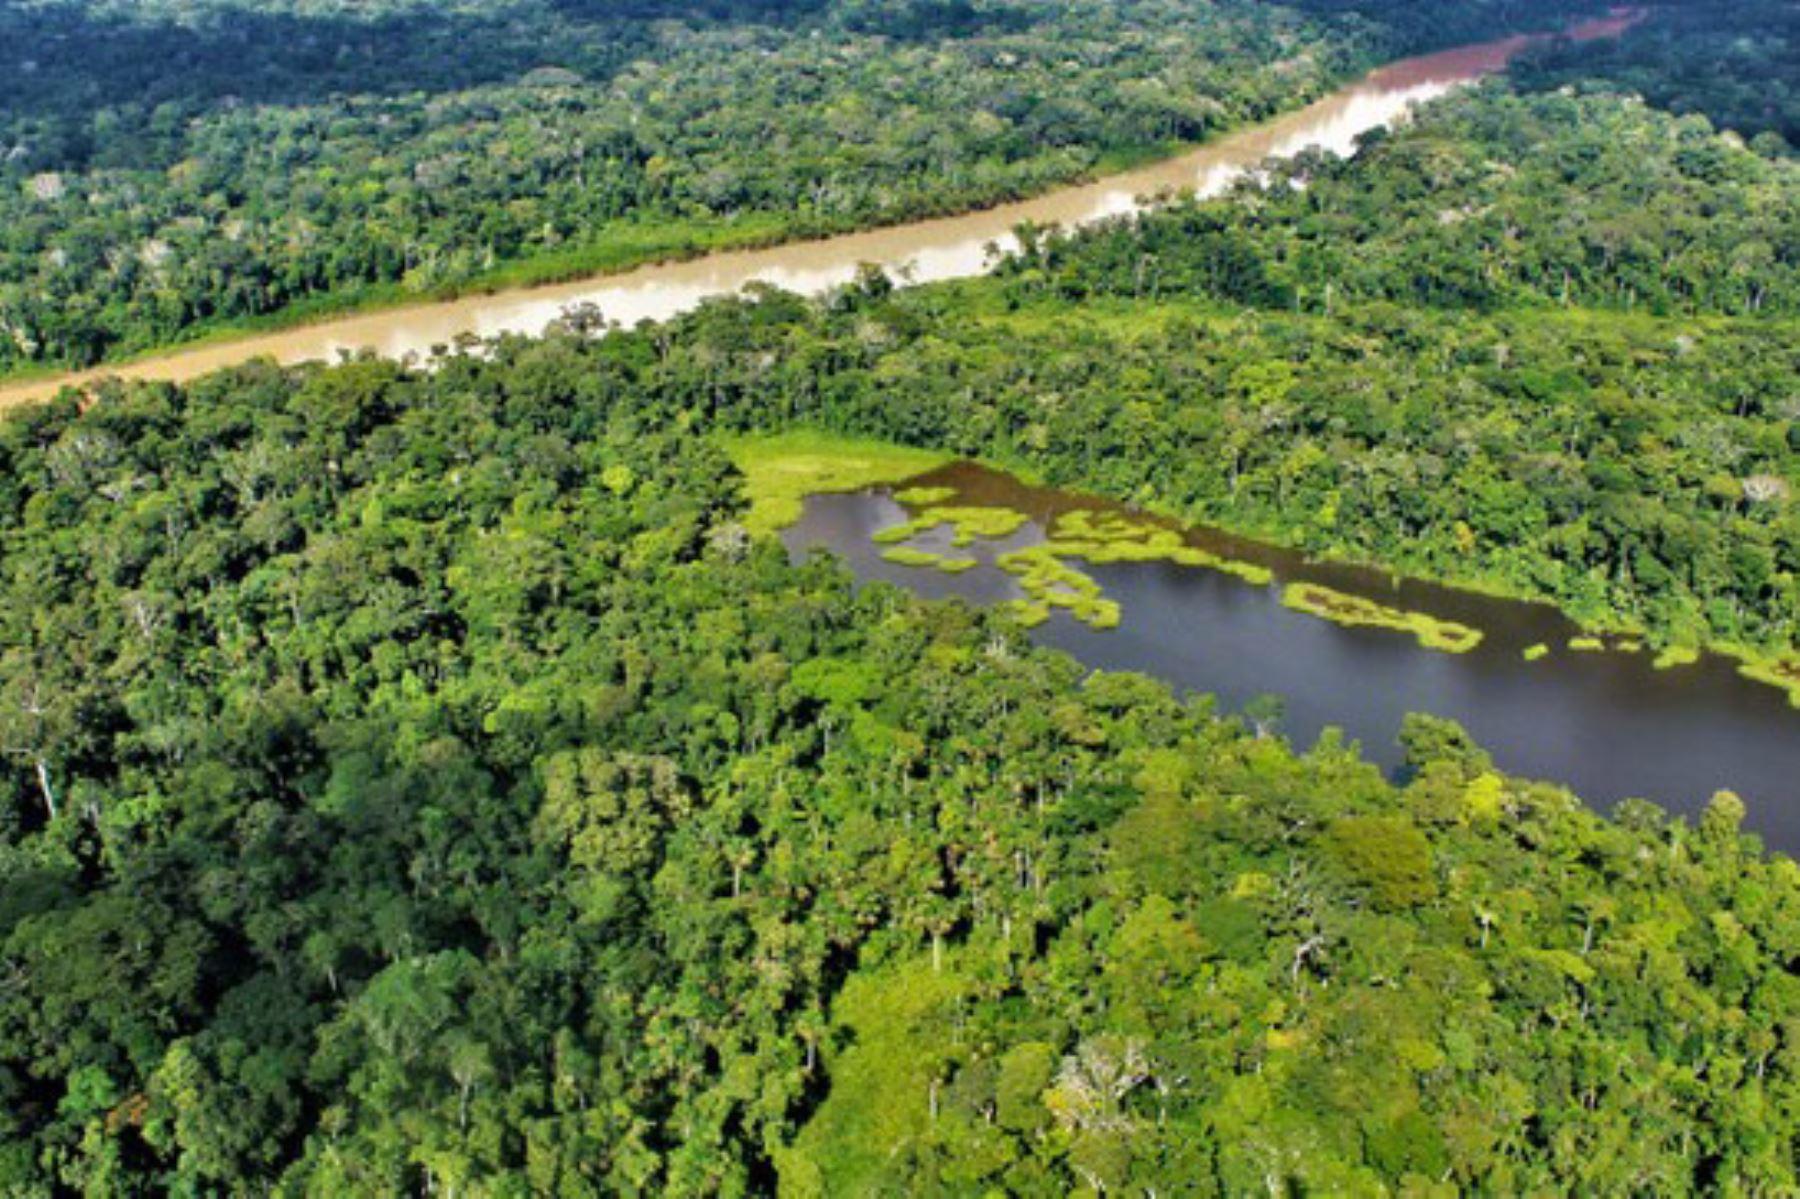 La ejecución de los proyectos Somos Bosques forma parte de la nueva estrategia de intervención del Programa Bosques al 2030. Foto: ANDINA/Minam